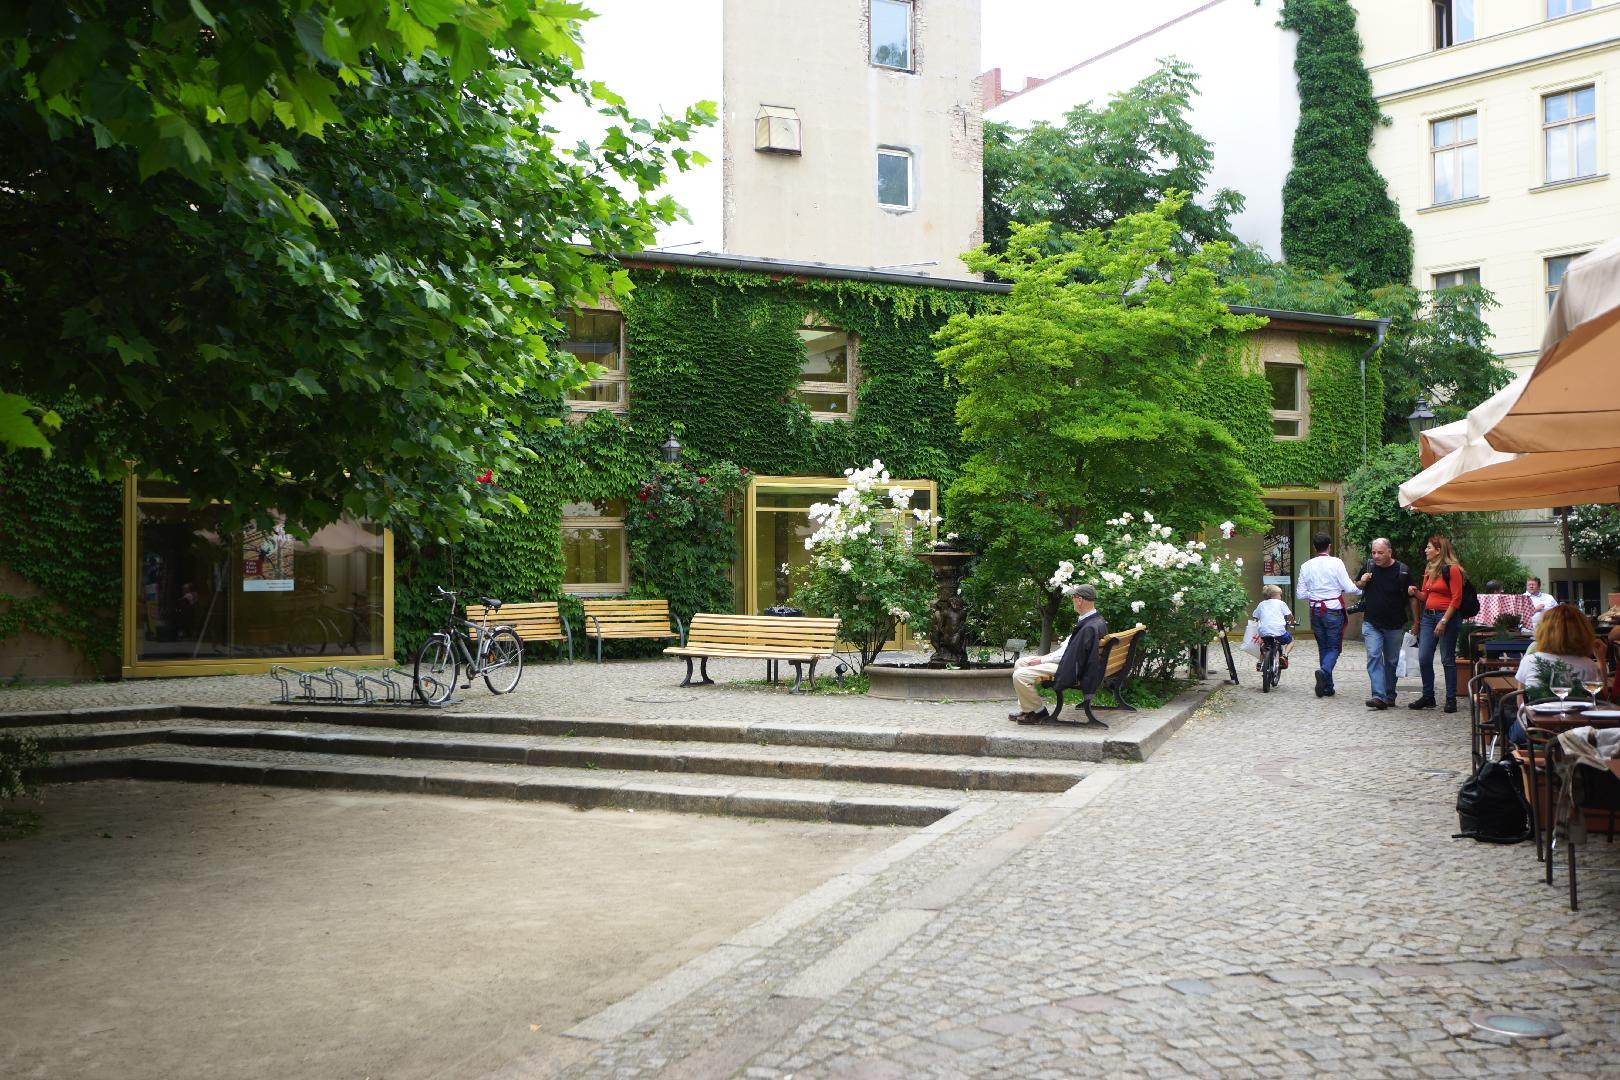 Heckmann-Höfe